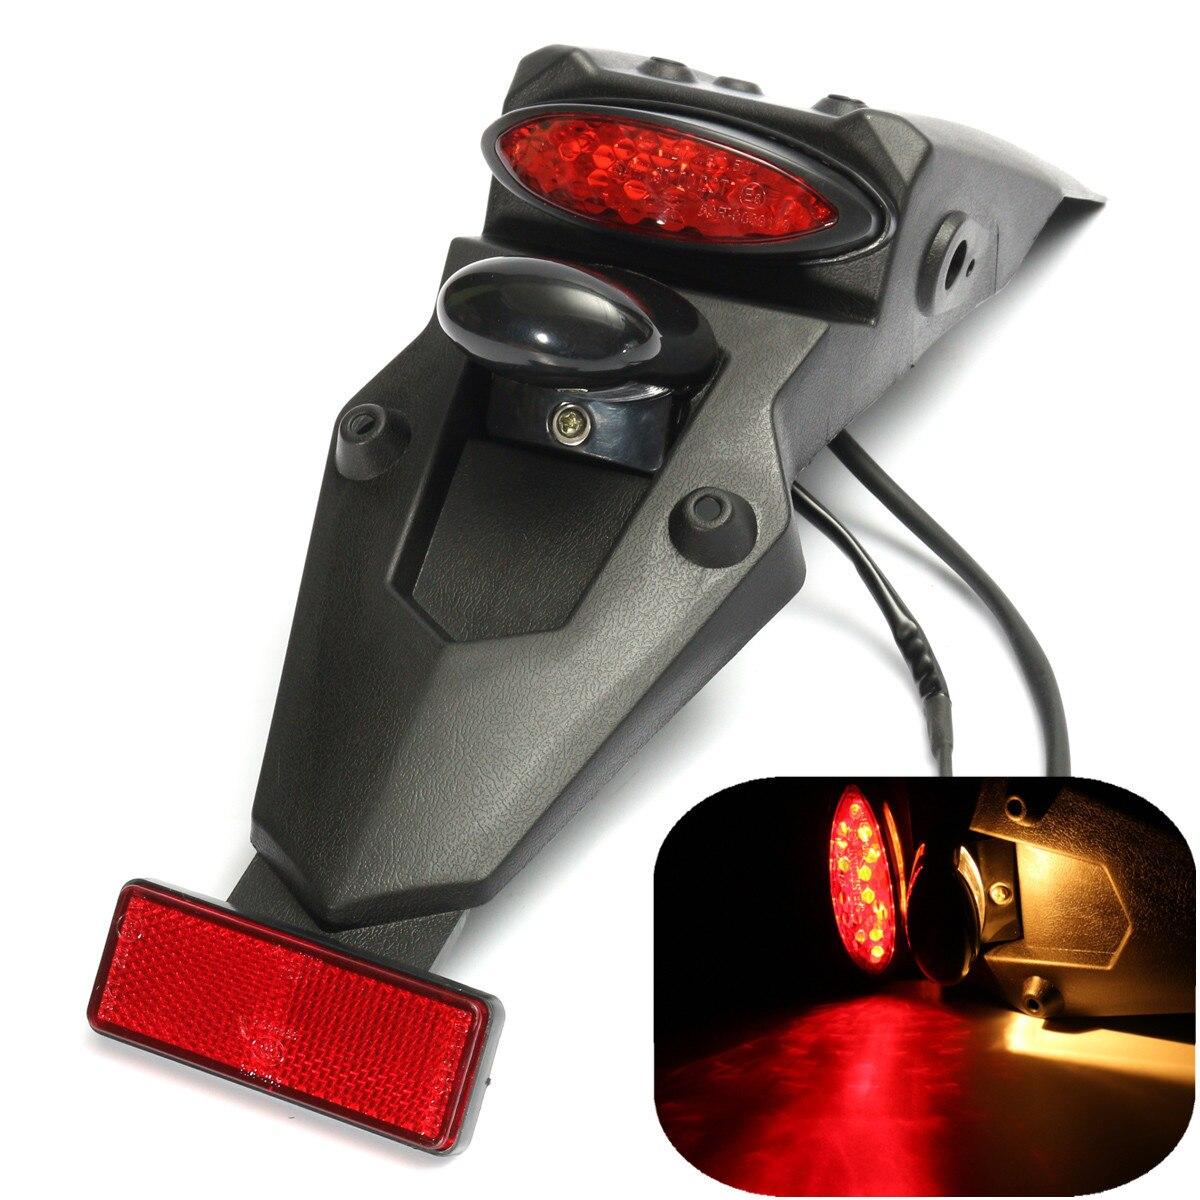 12V Motorcycle Fender Flares Rear Tail Stop Brake LED Light Reflector Universal For MX Motocross Sport Pit Dirt Motorbike